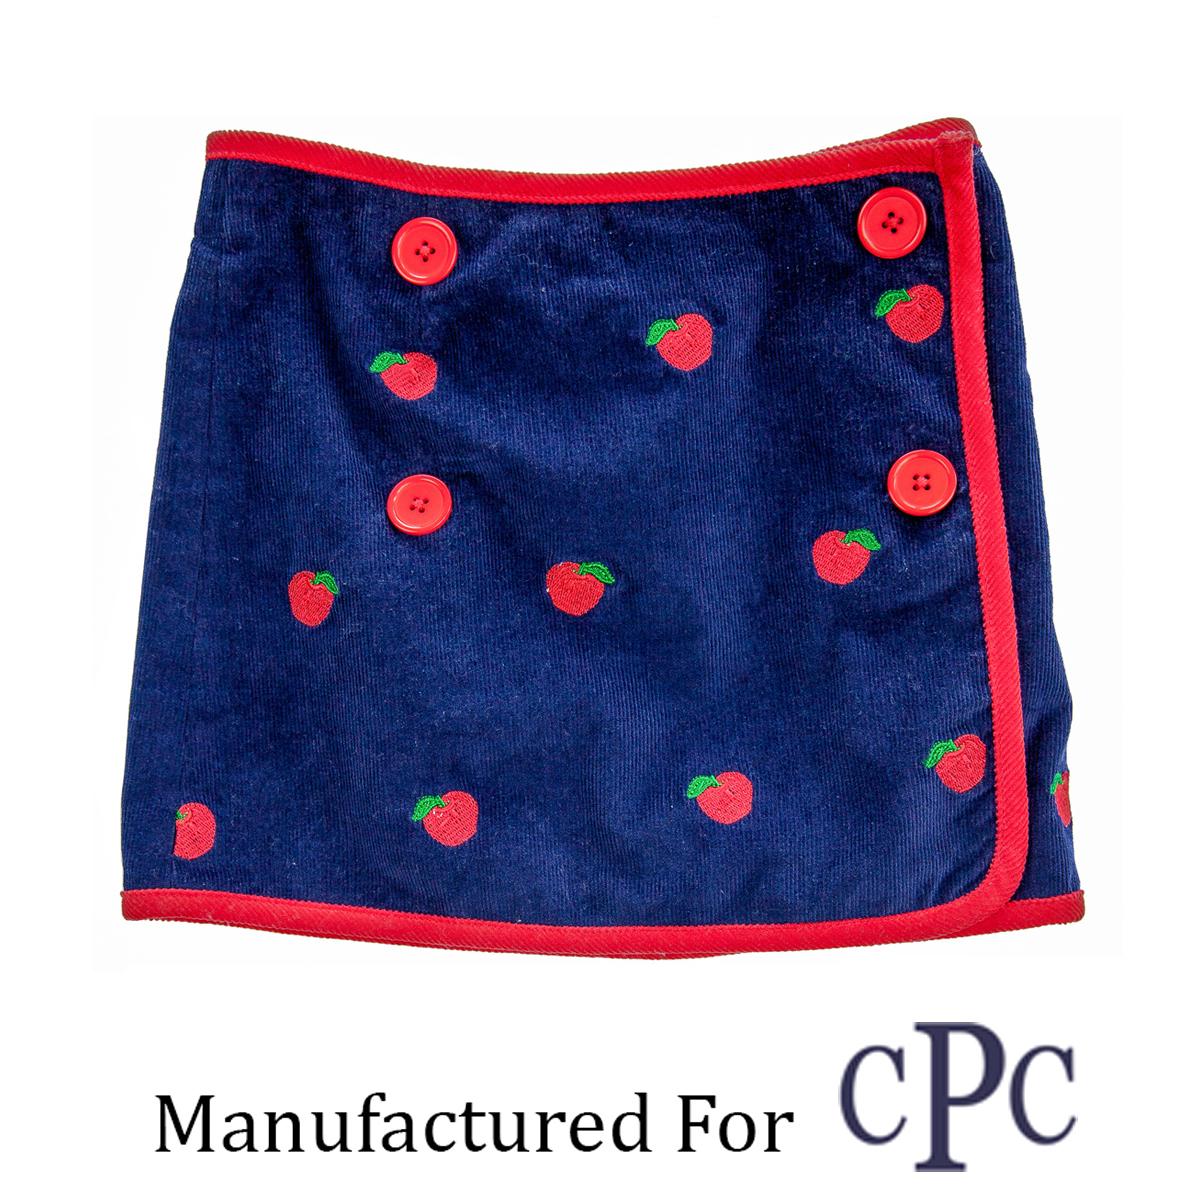 CPC skirt 1.jpg